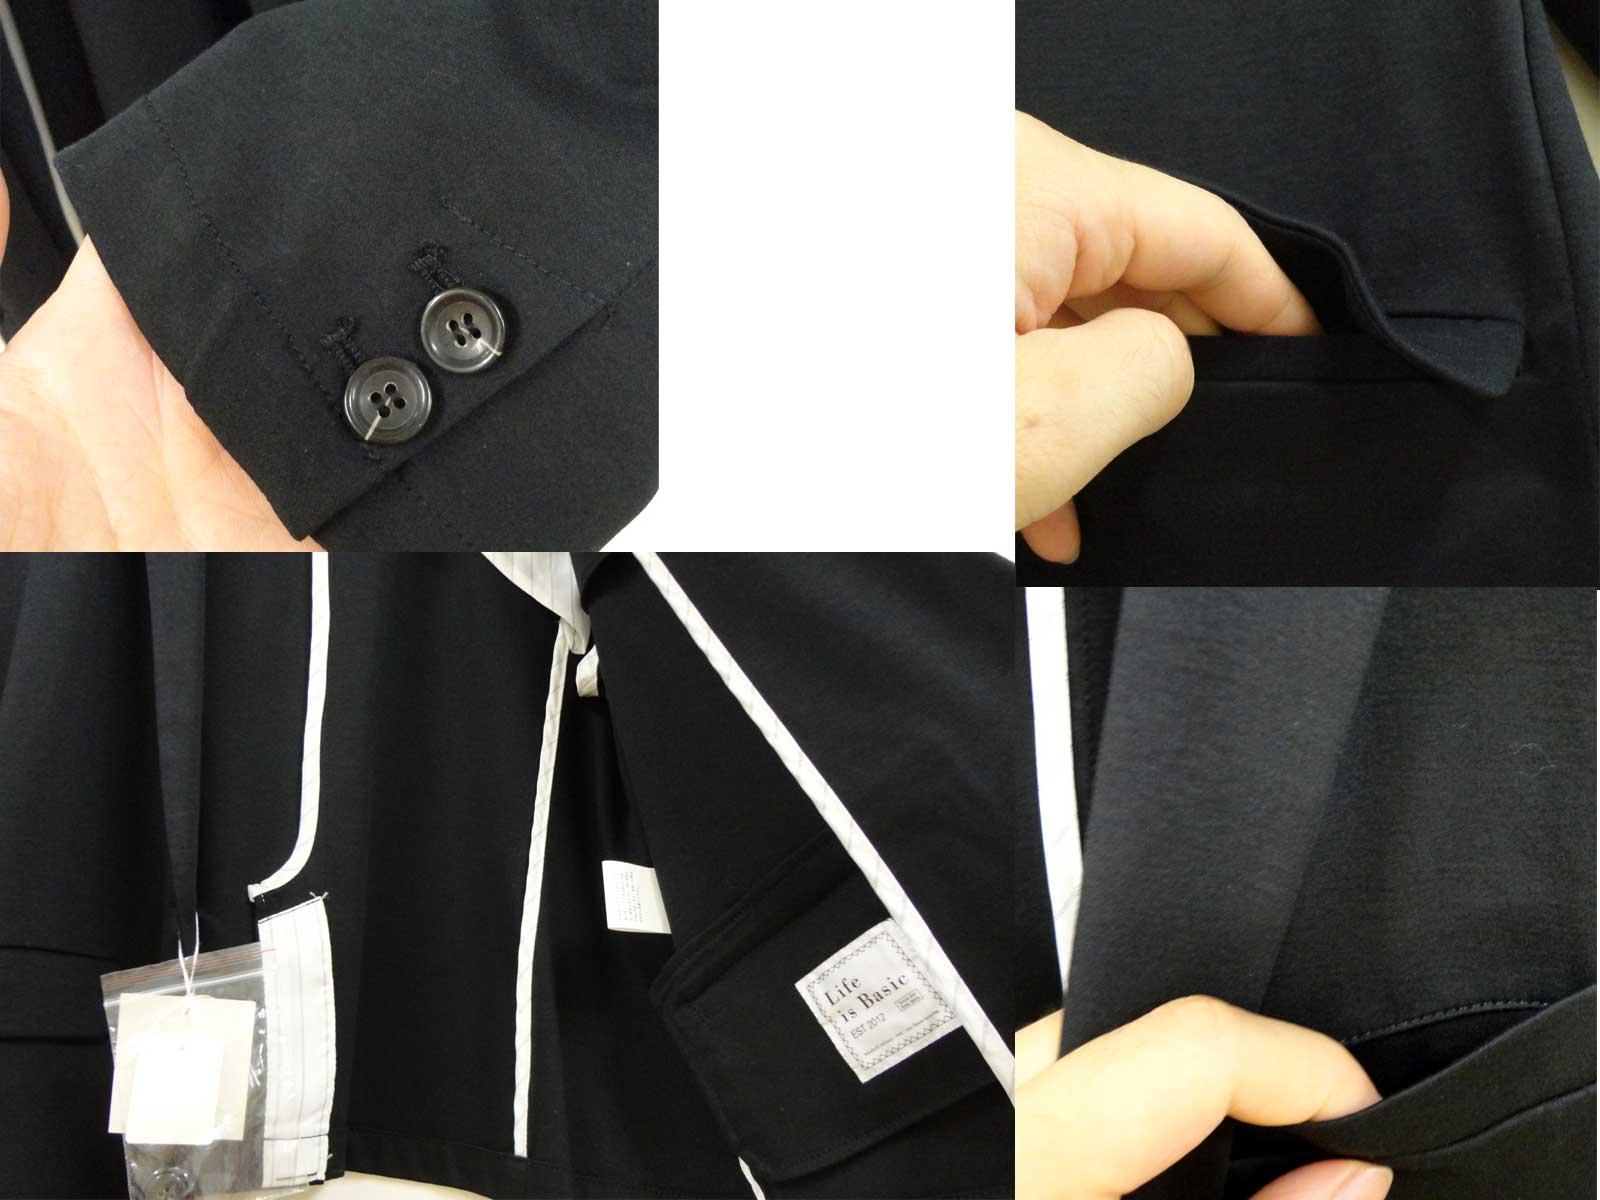 995ジャケット黒b3